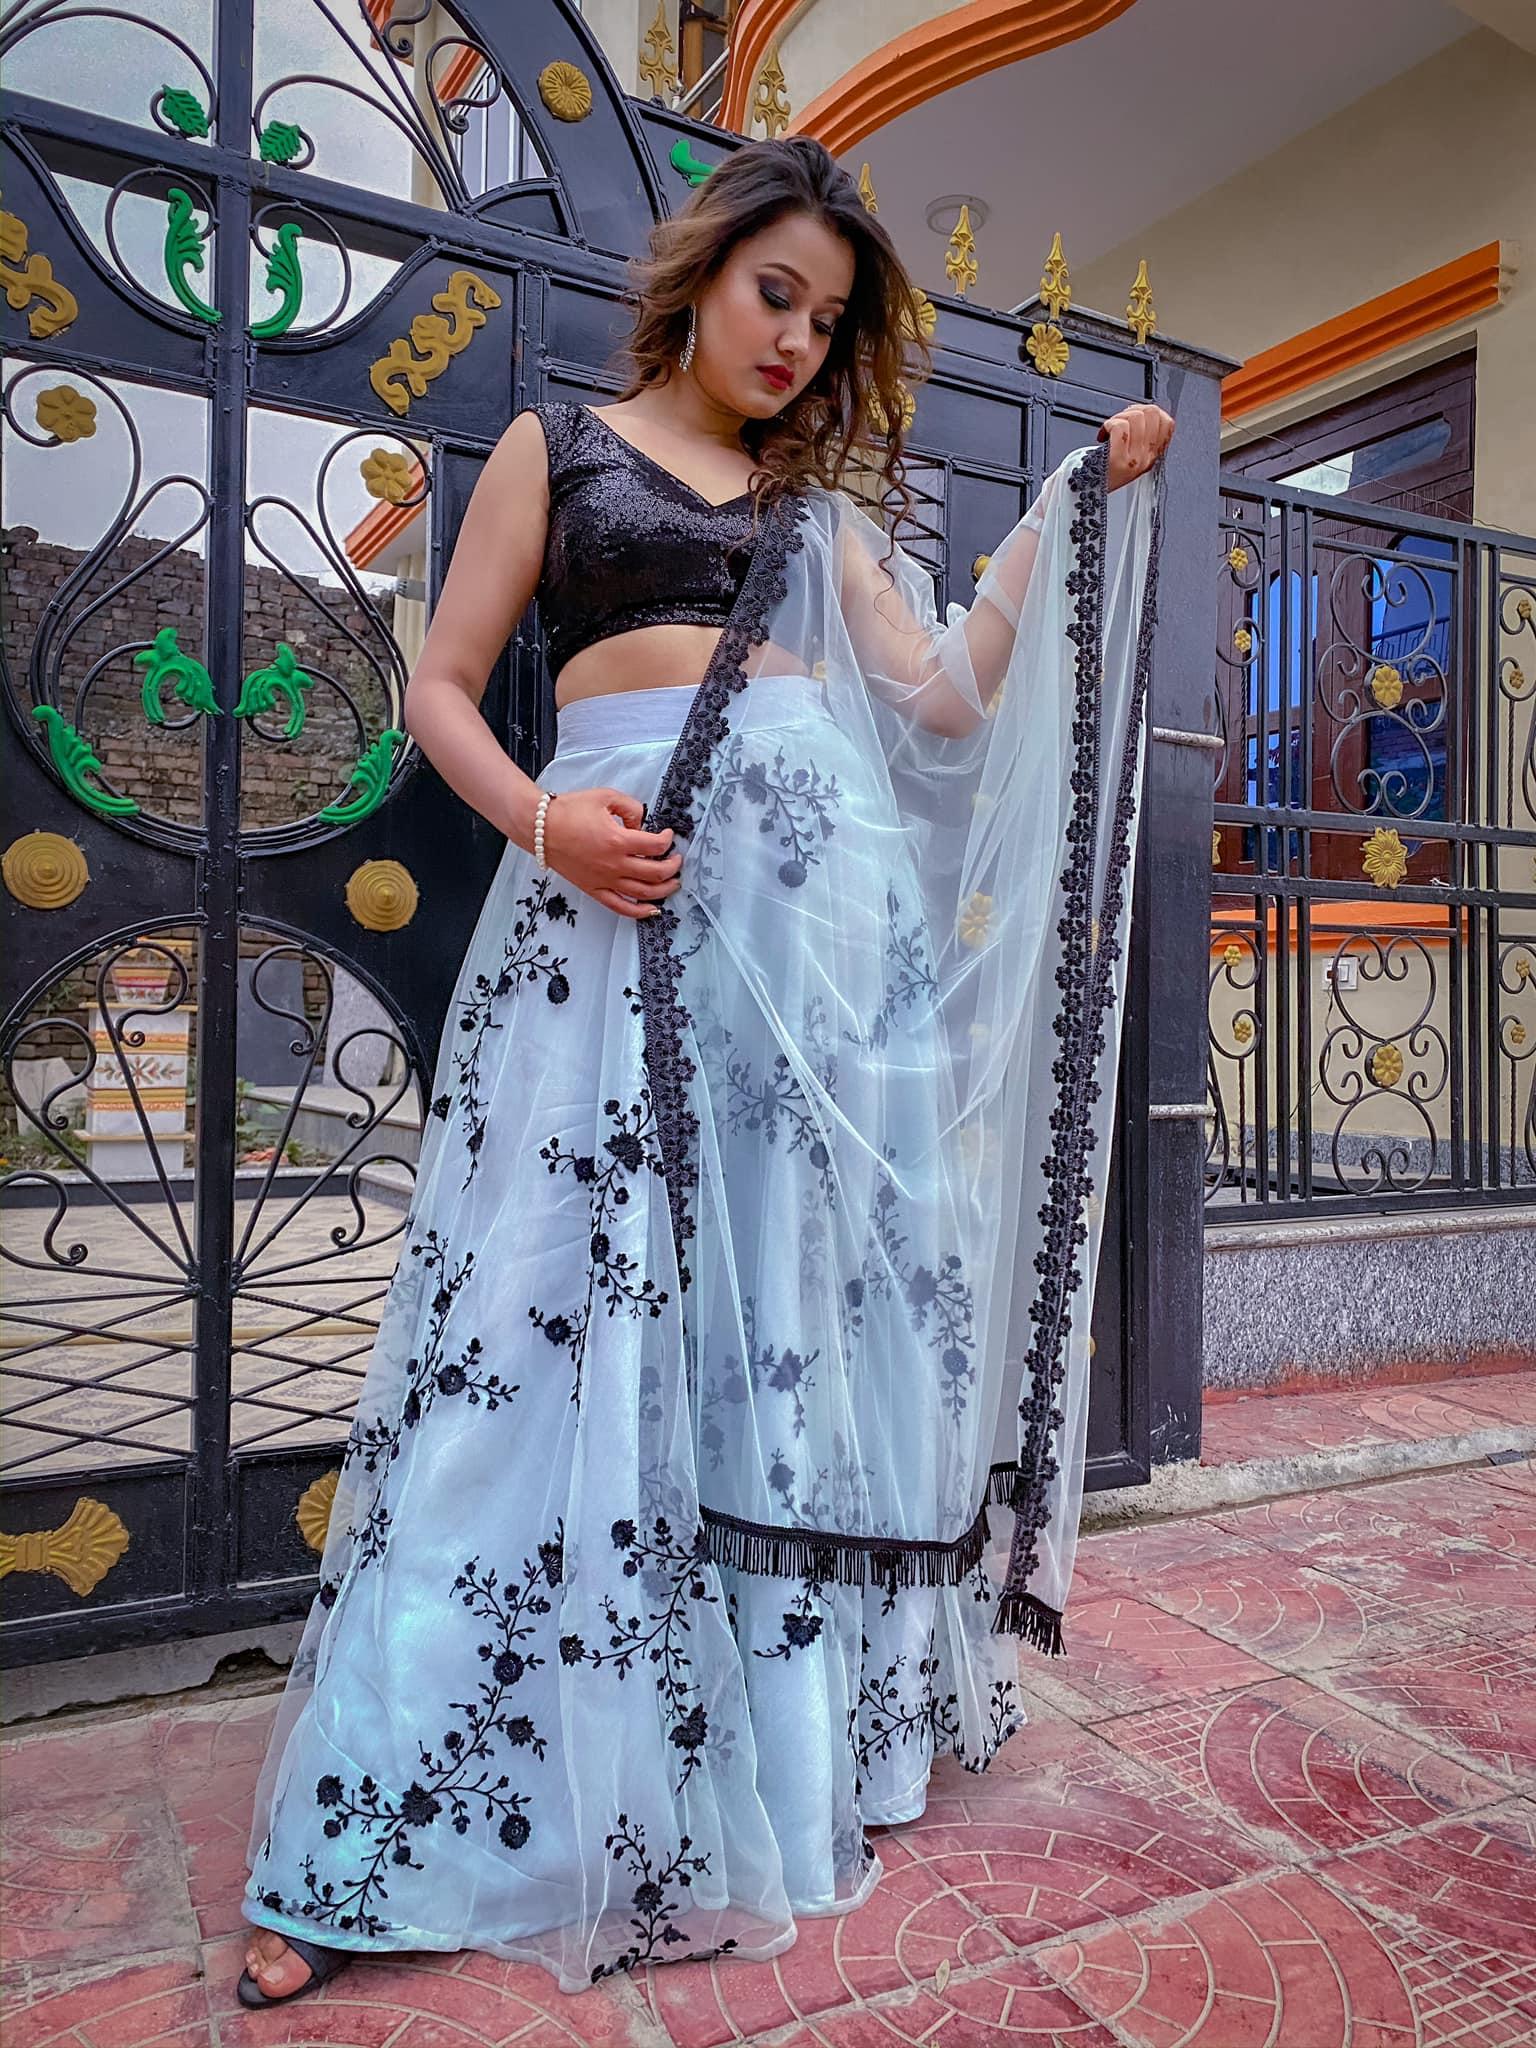 Riyasha Dahal